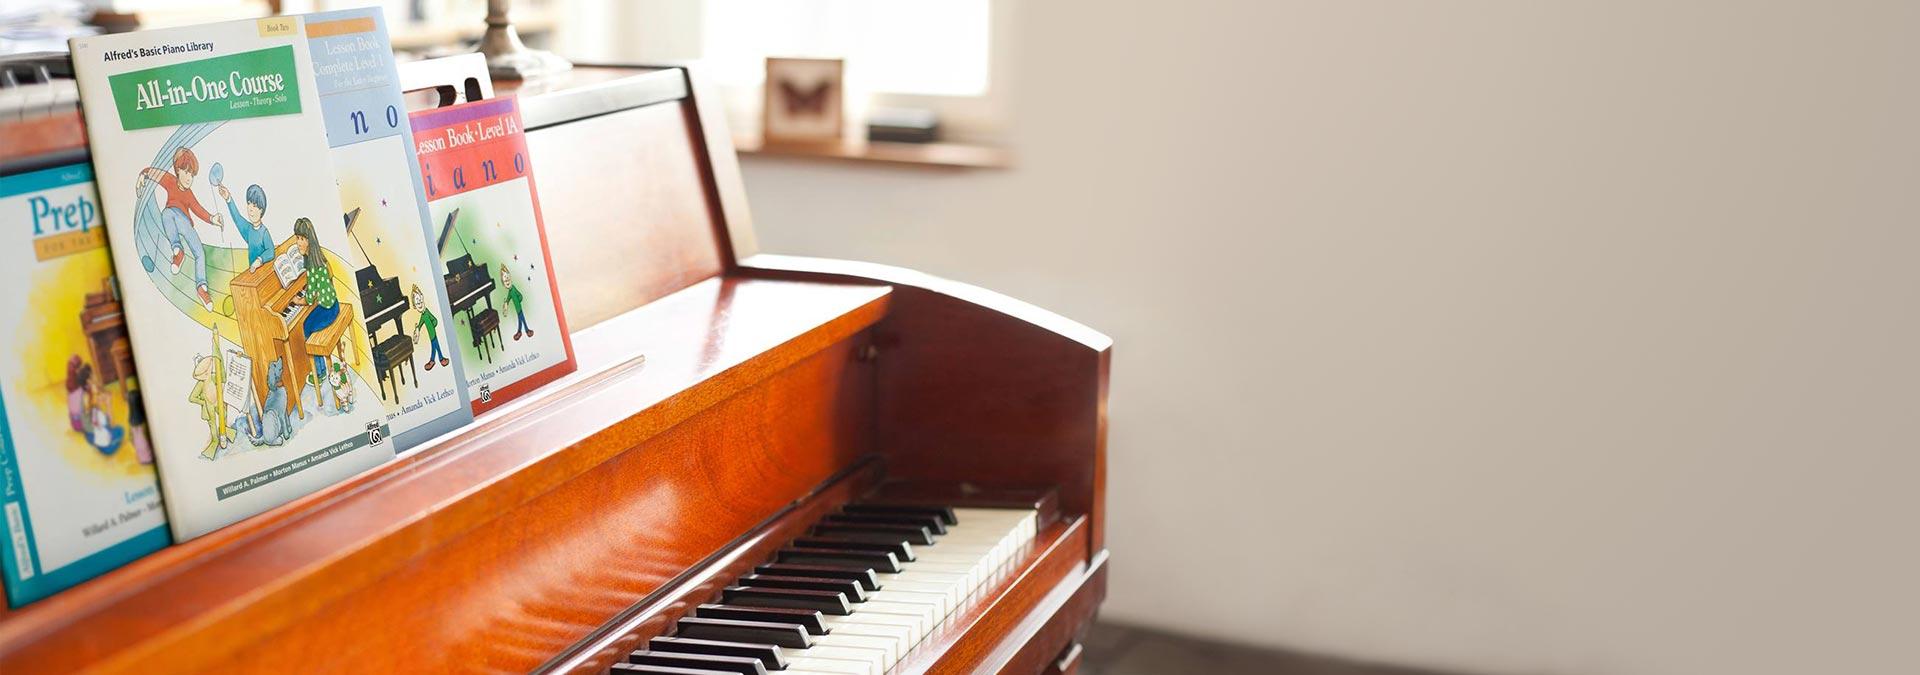 Piano Hero Image